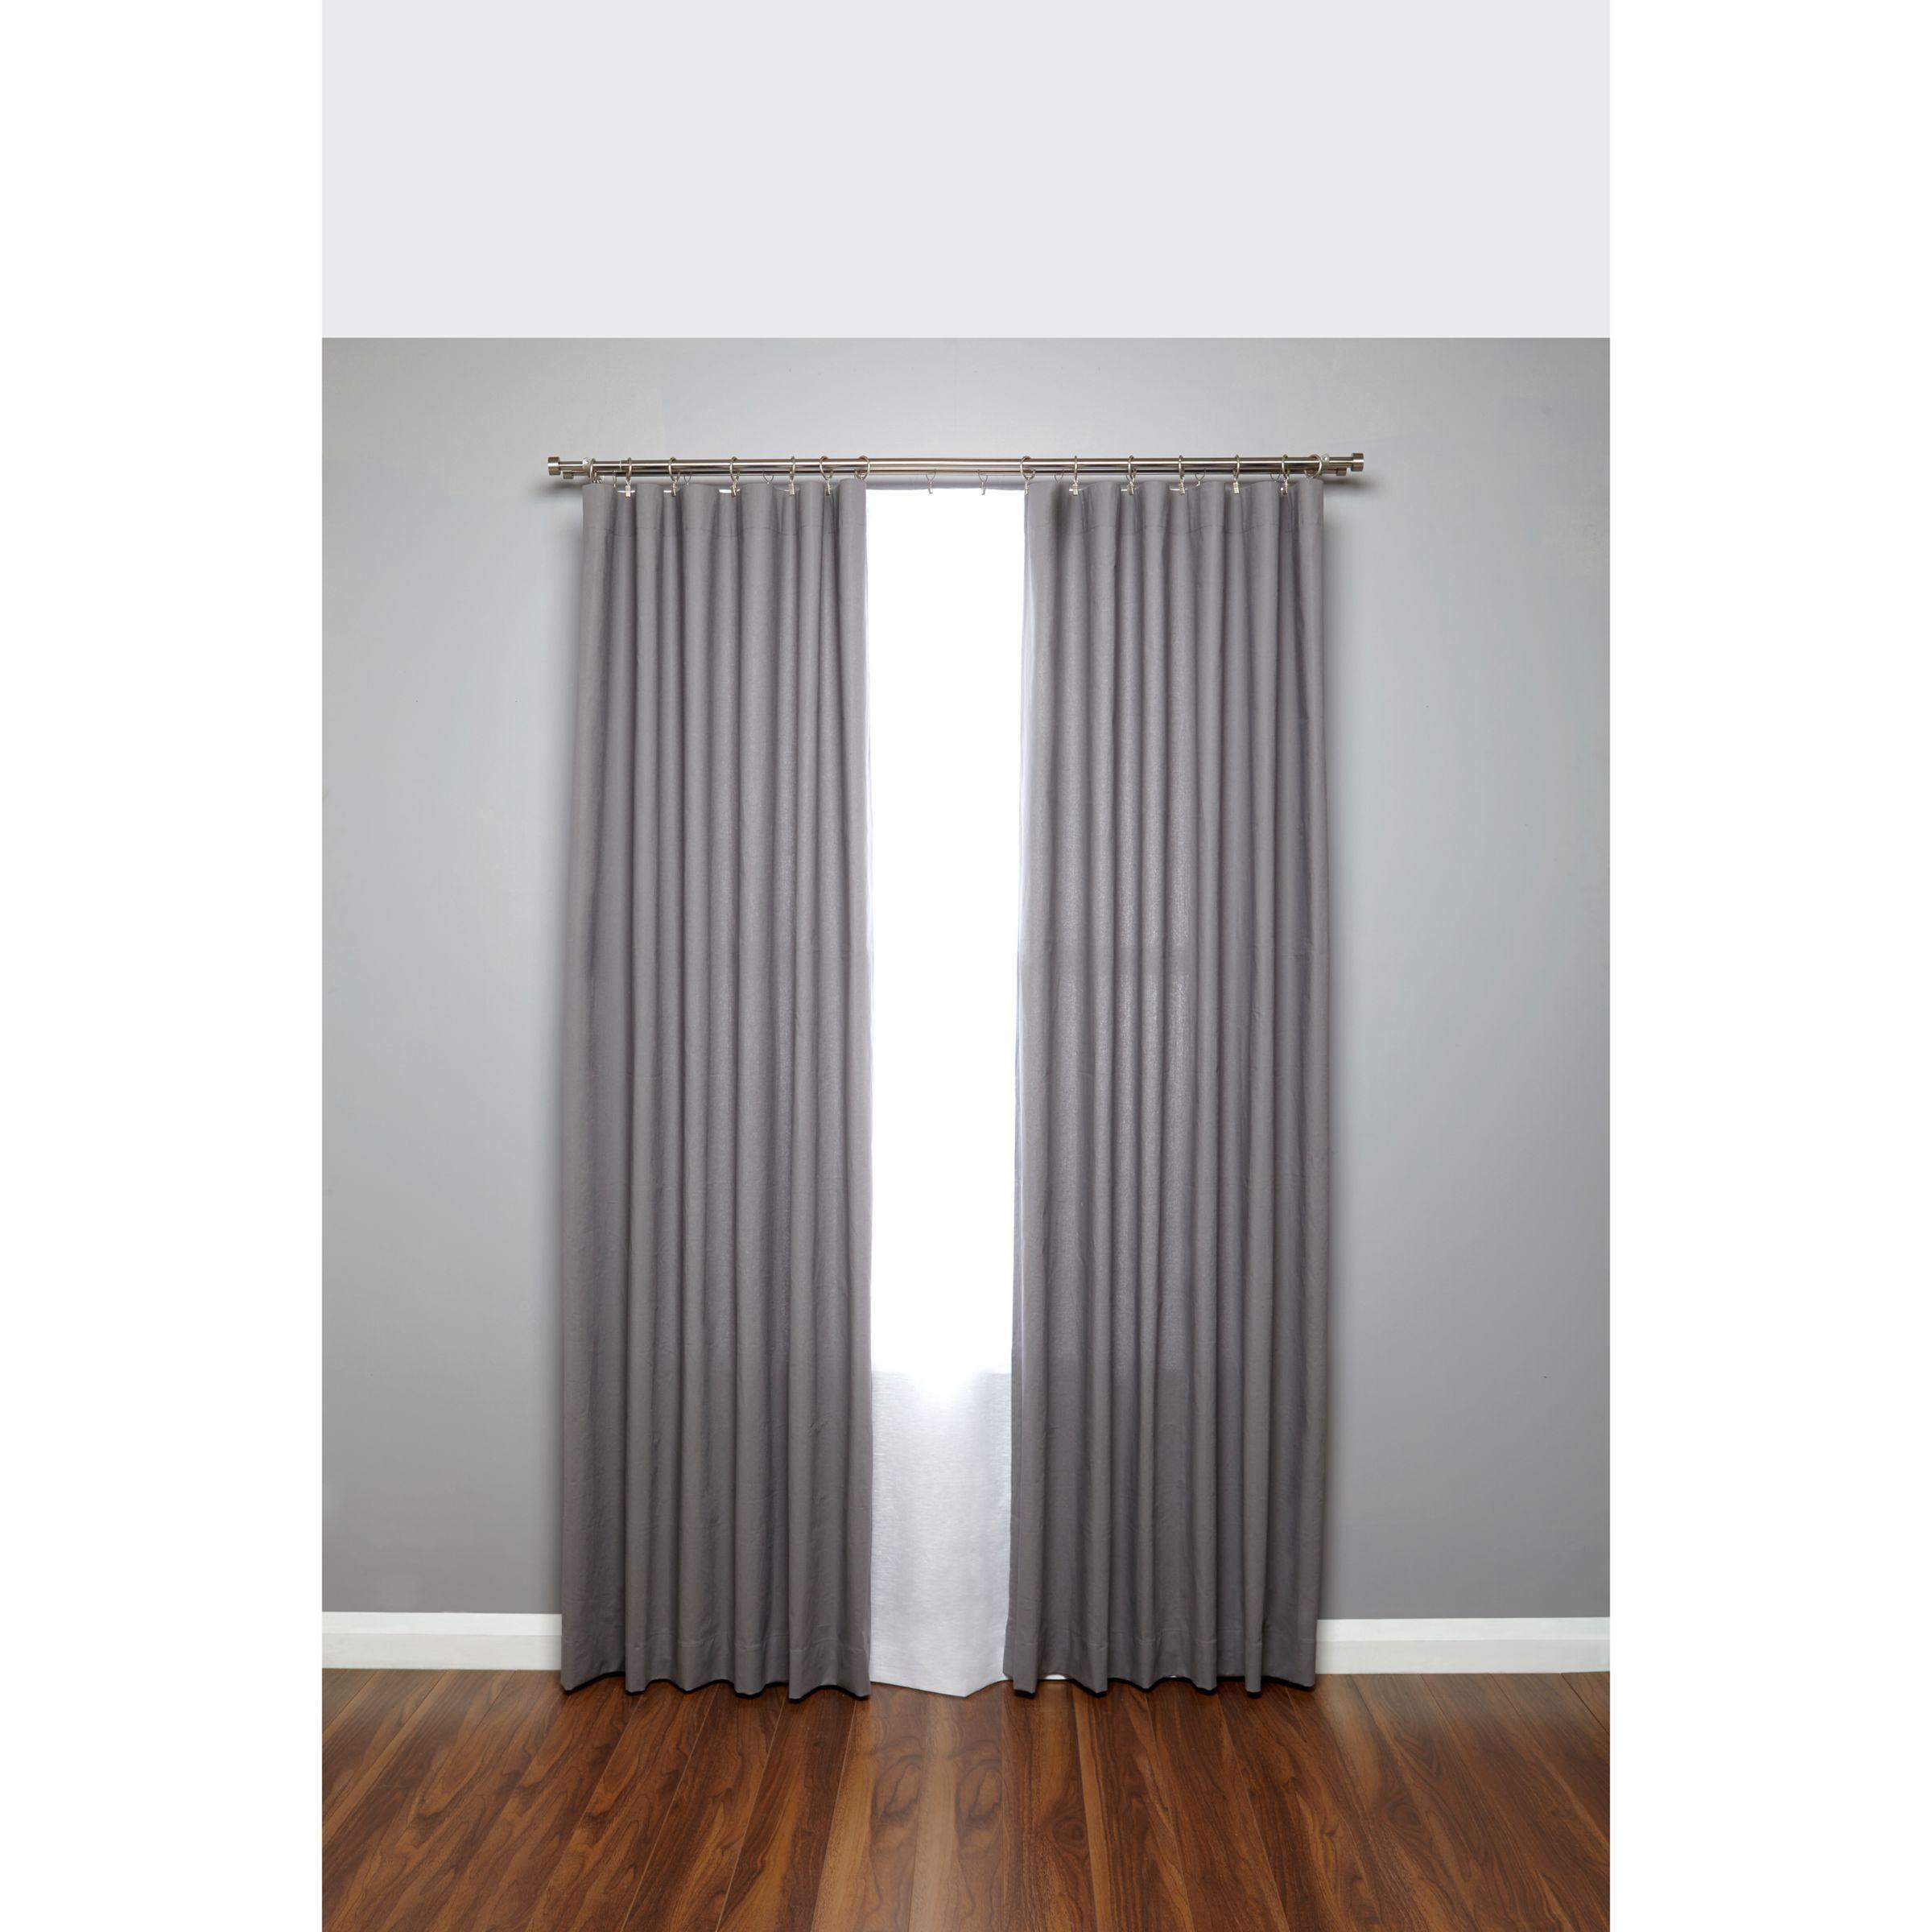 Umbra Adjustable Double Curtain Pole Kit Nickel Dia 16 19mm